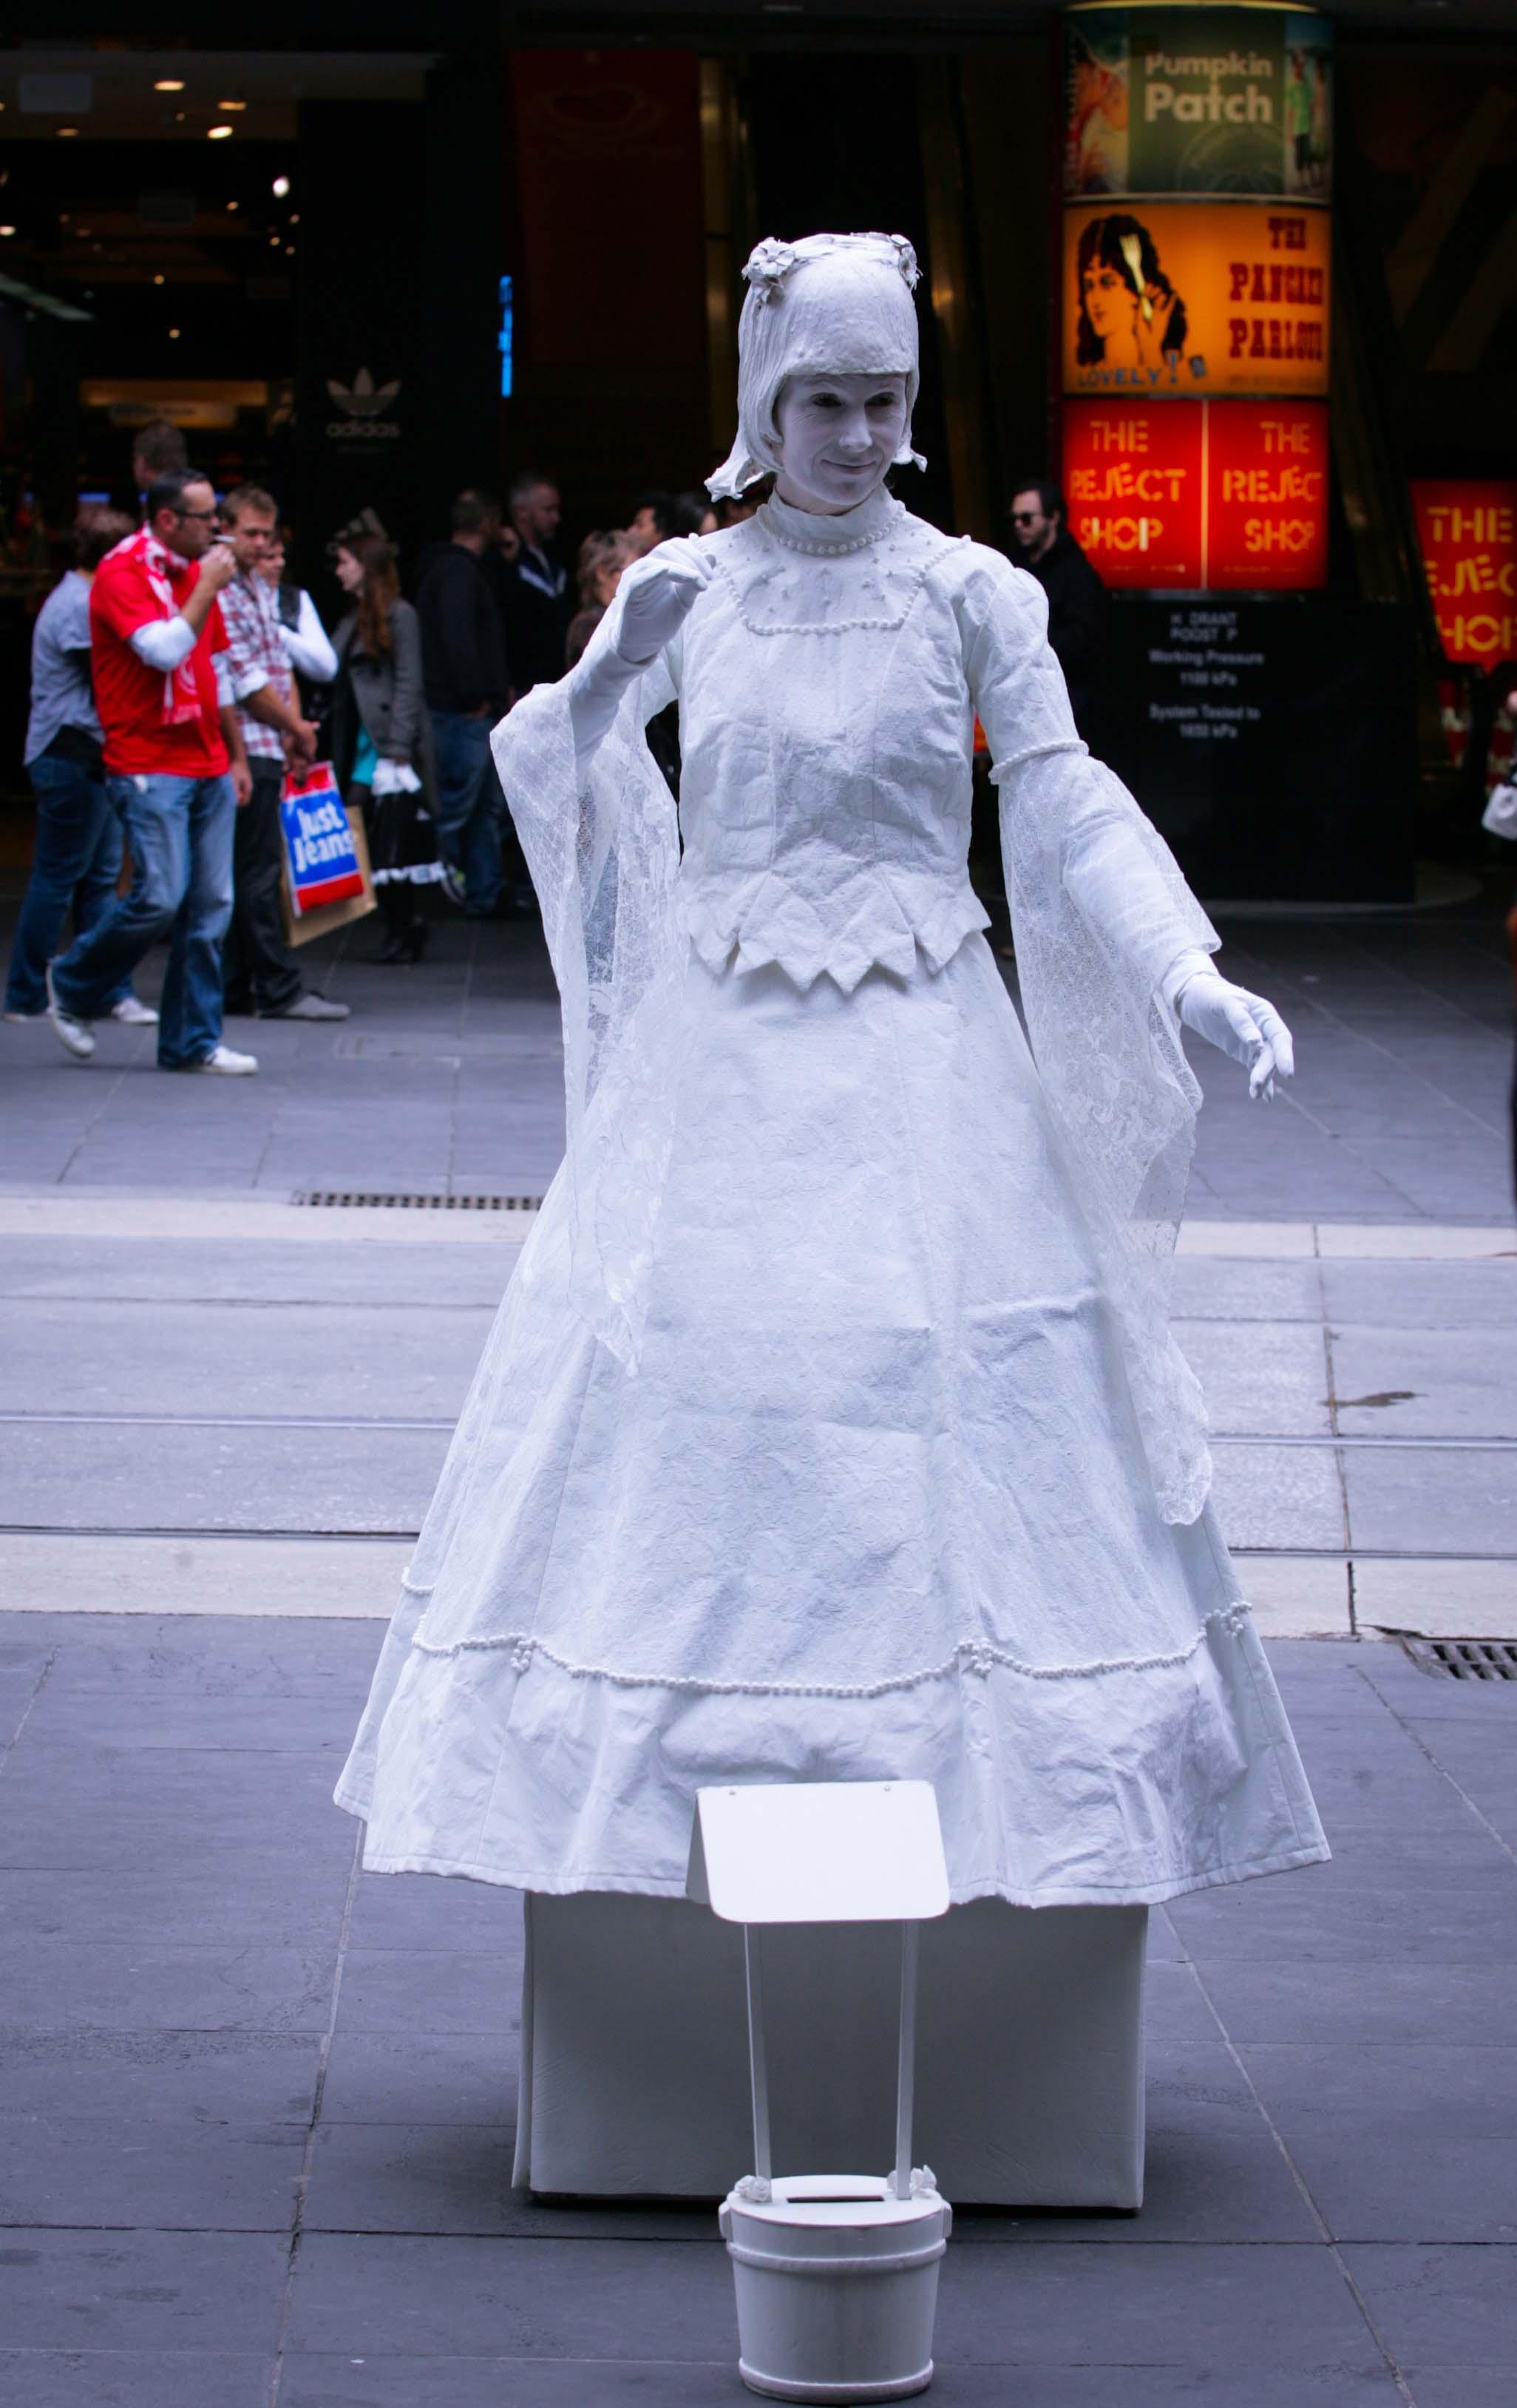 Trong khi một quý cô gần đó lại mặc váy dài, cuốn tóc như thế kỷ 18 - 19 đang cử động chậm rãi như thước phim cũ quay chậm. Dưới chân, một chiếc xô nhỏ để du khách đi qua thả vào đó những đồng xu.